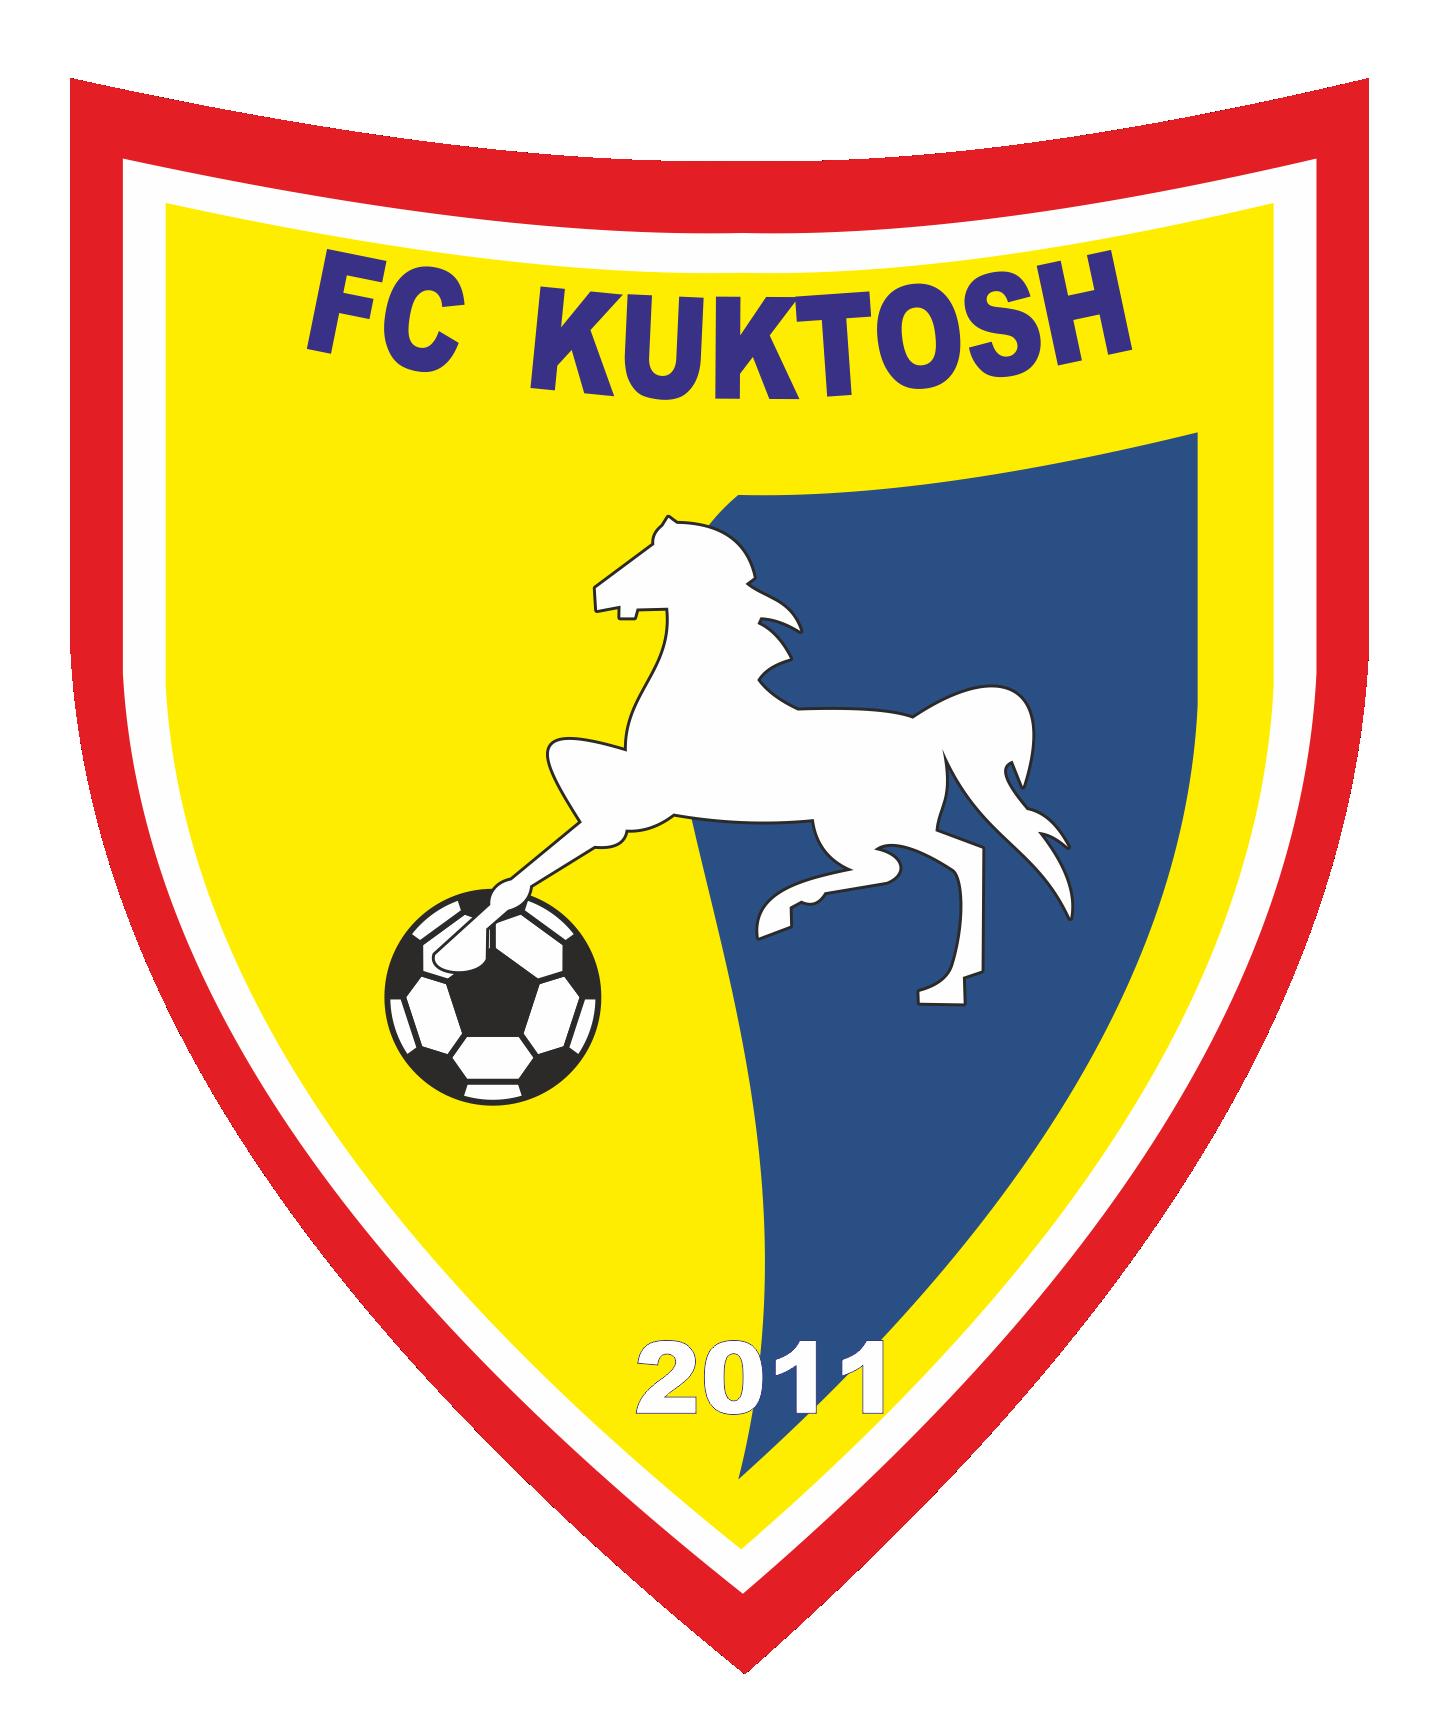 FC Kuktosh